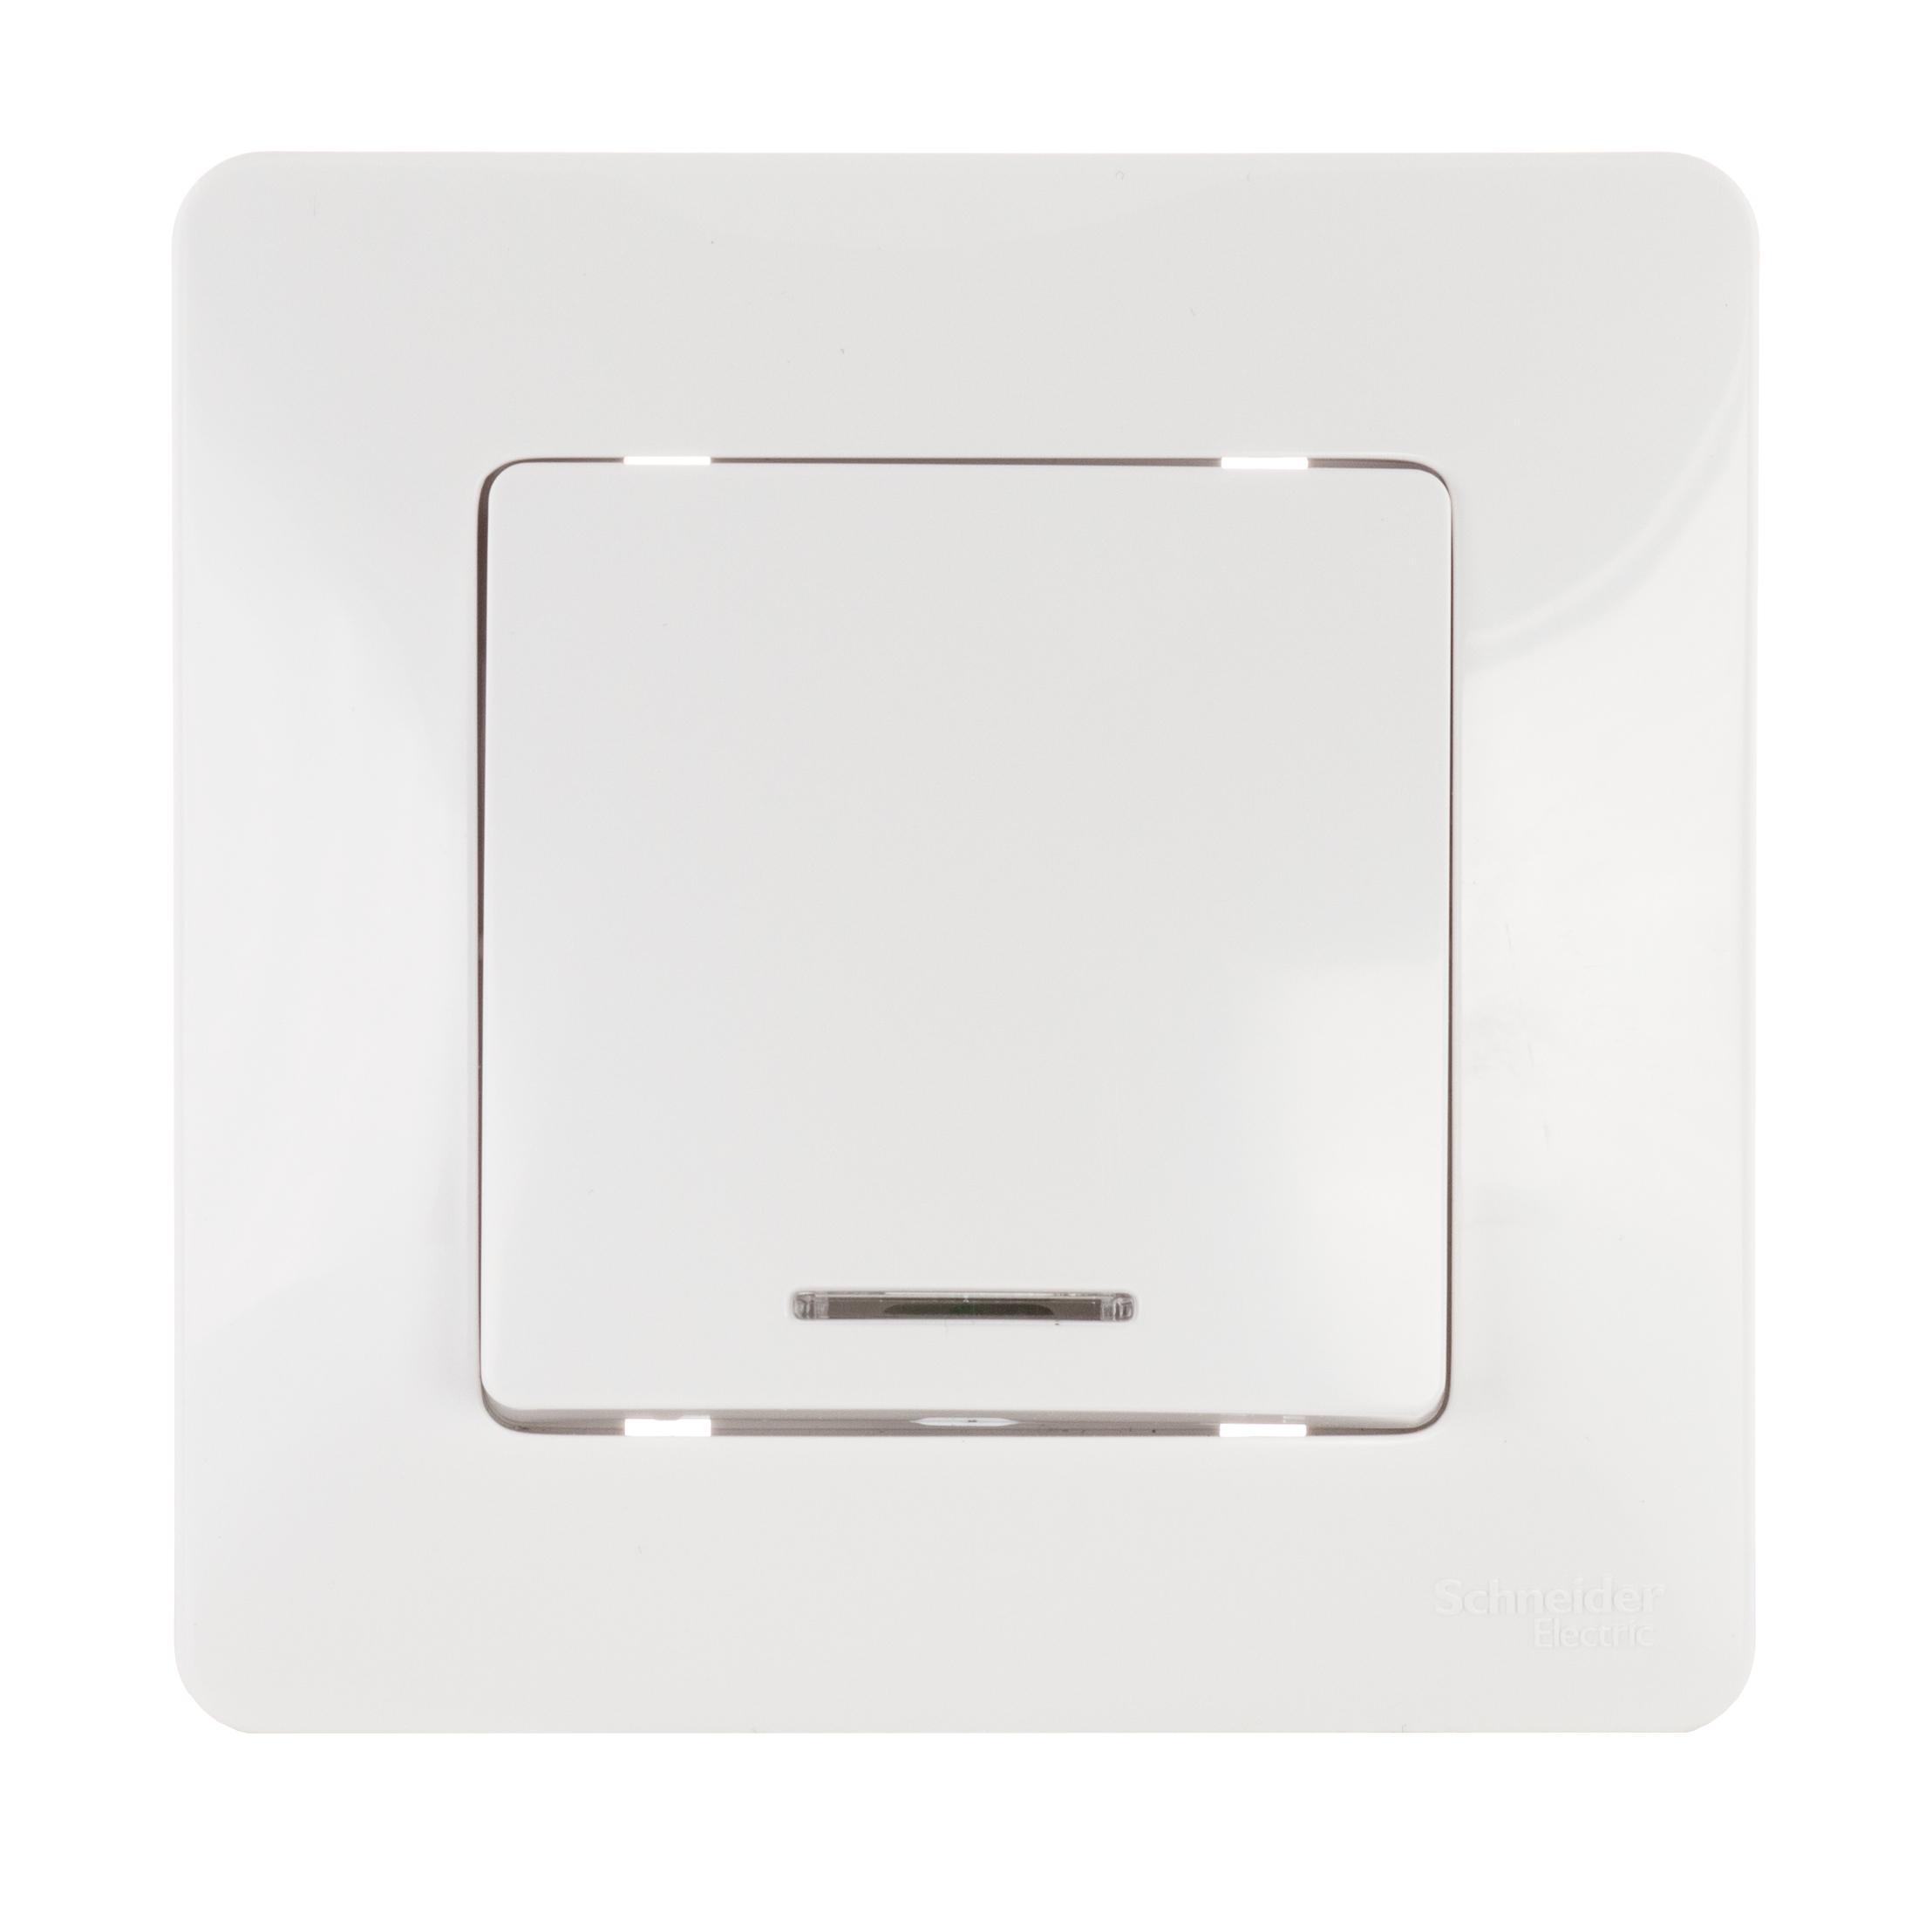 Выключатель Schneider electric Blnvs010111 blanca панель лицевая schneider electric actassi 1 модуль белый 24 шт vdi88240